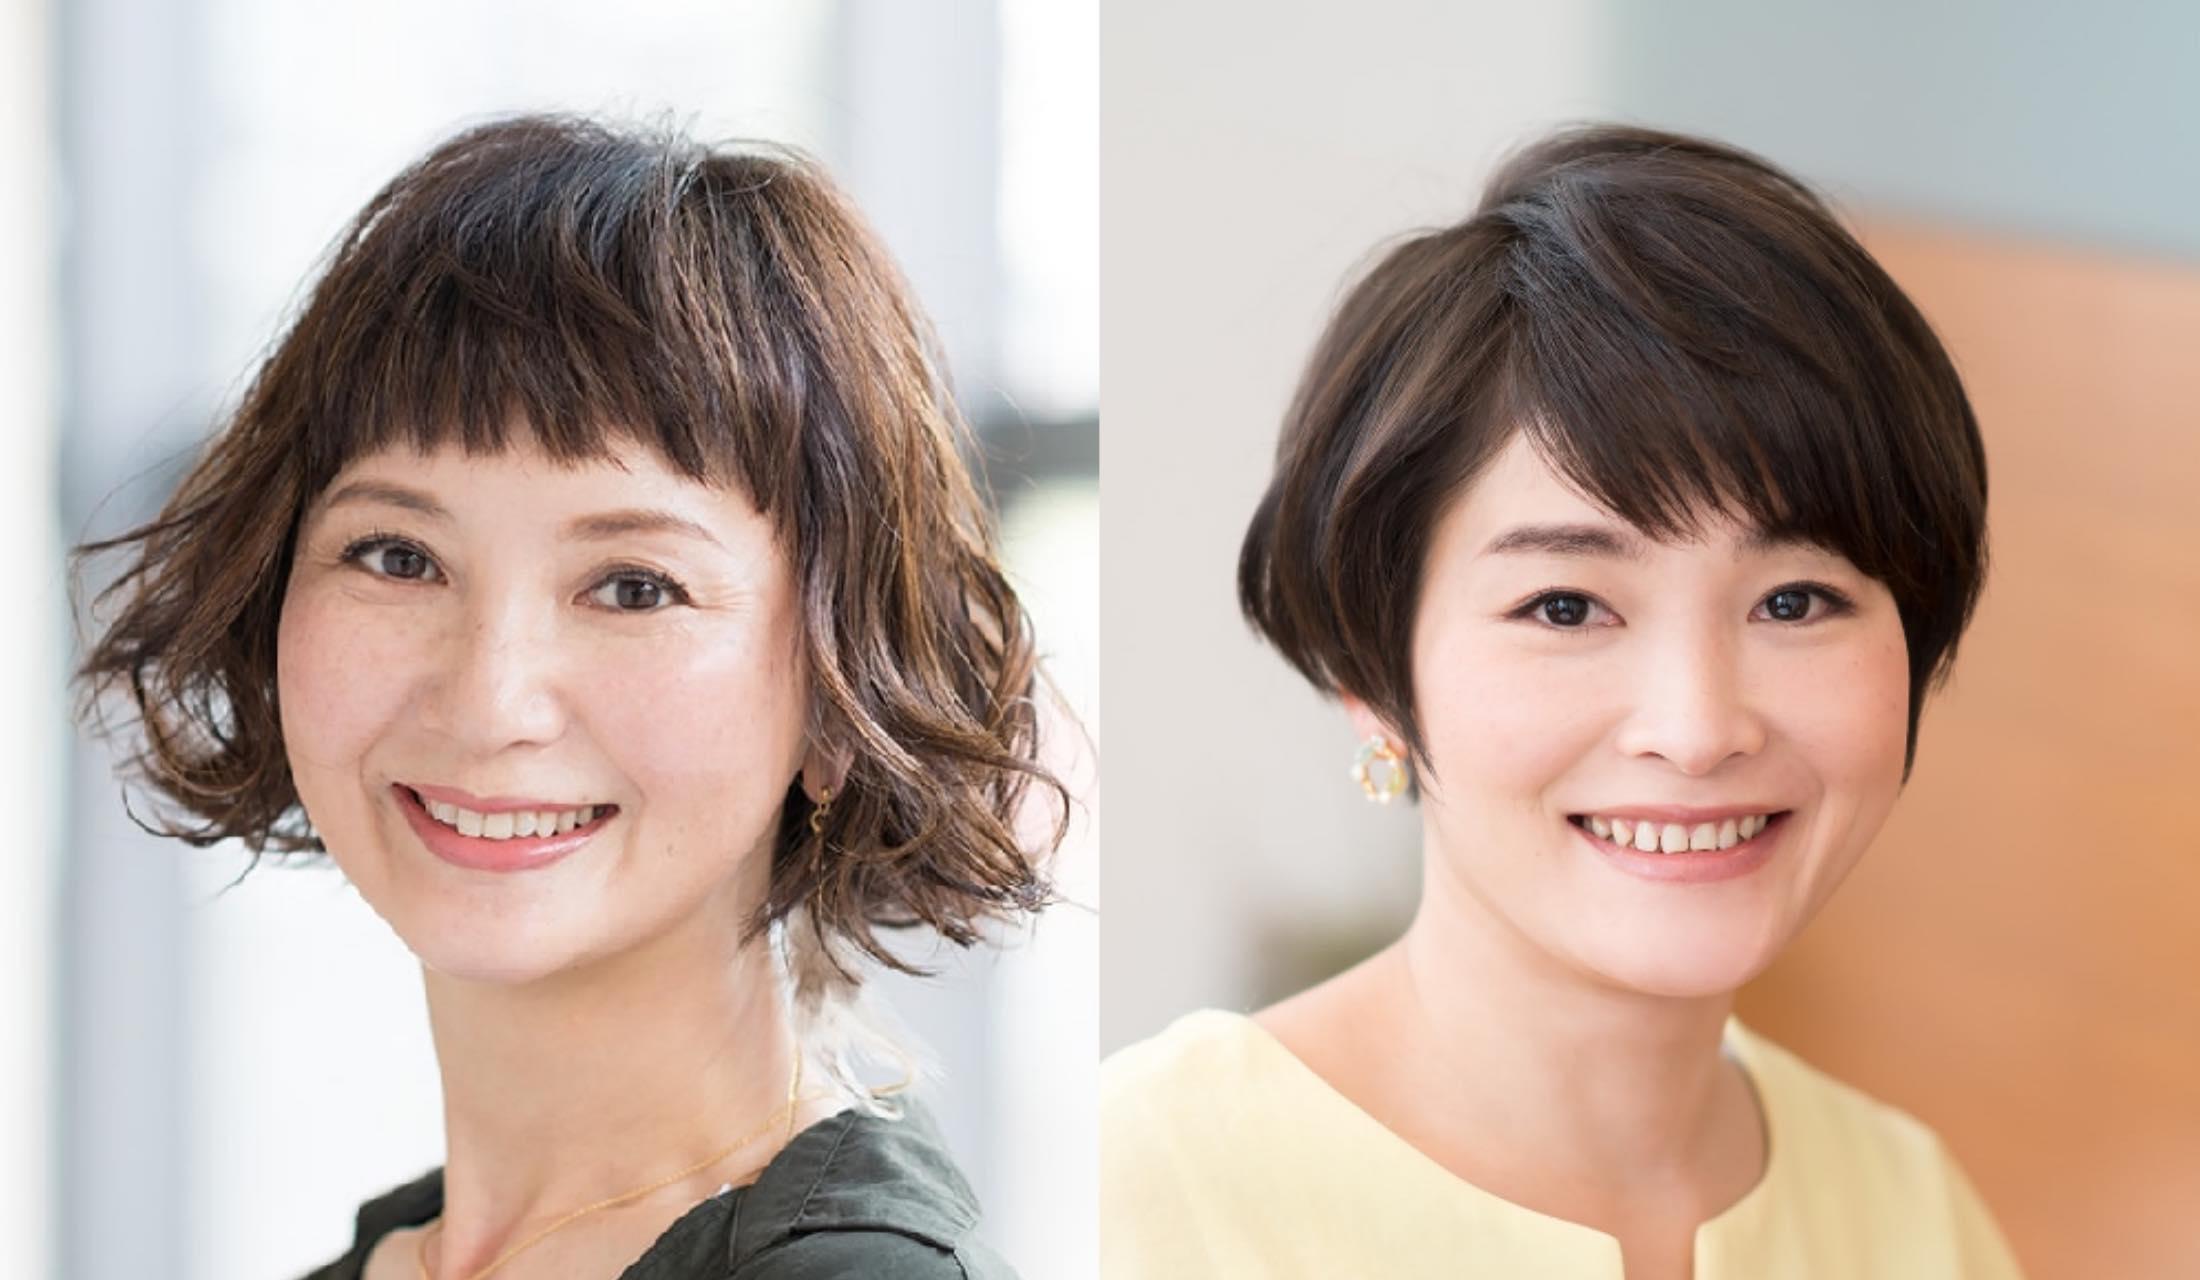 ショートヘアの女性の写真2枚